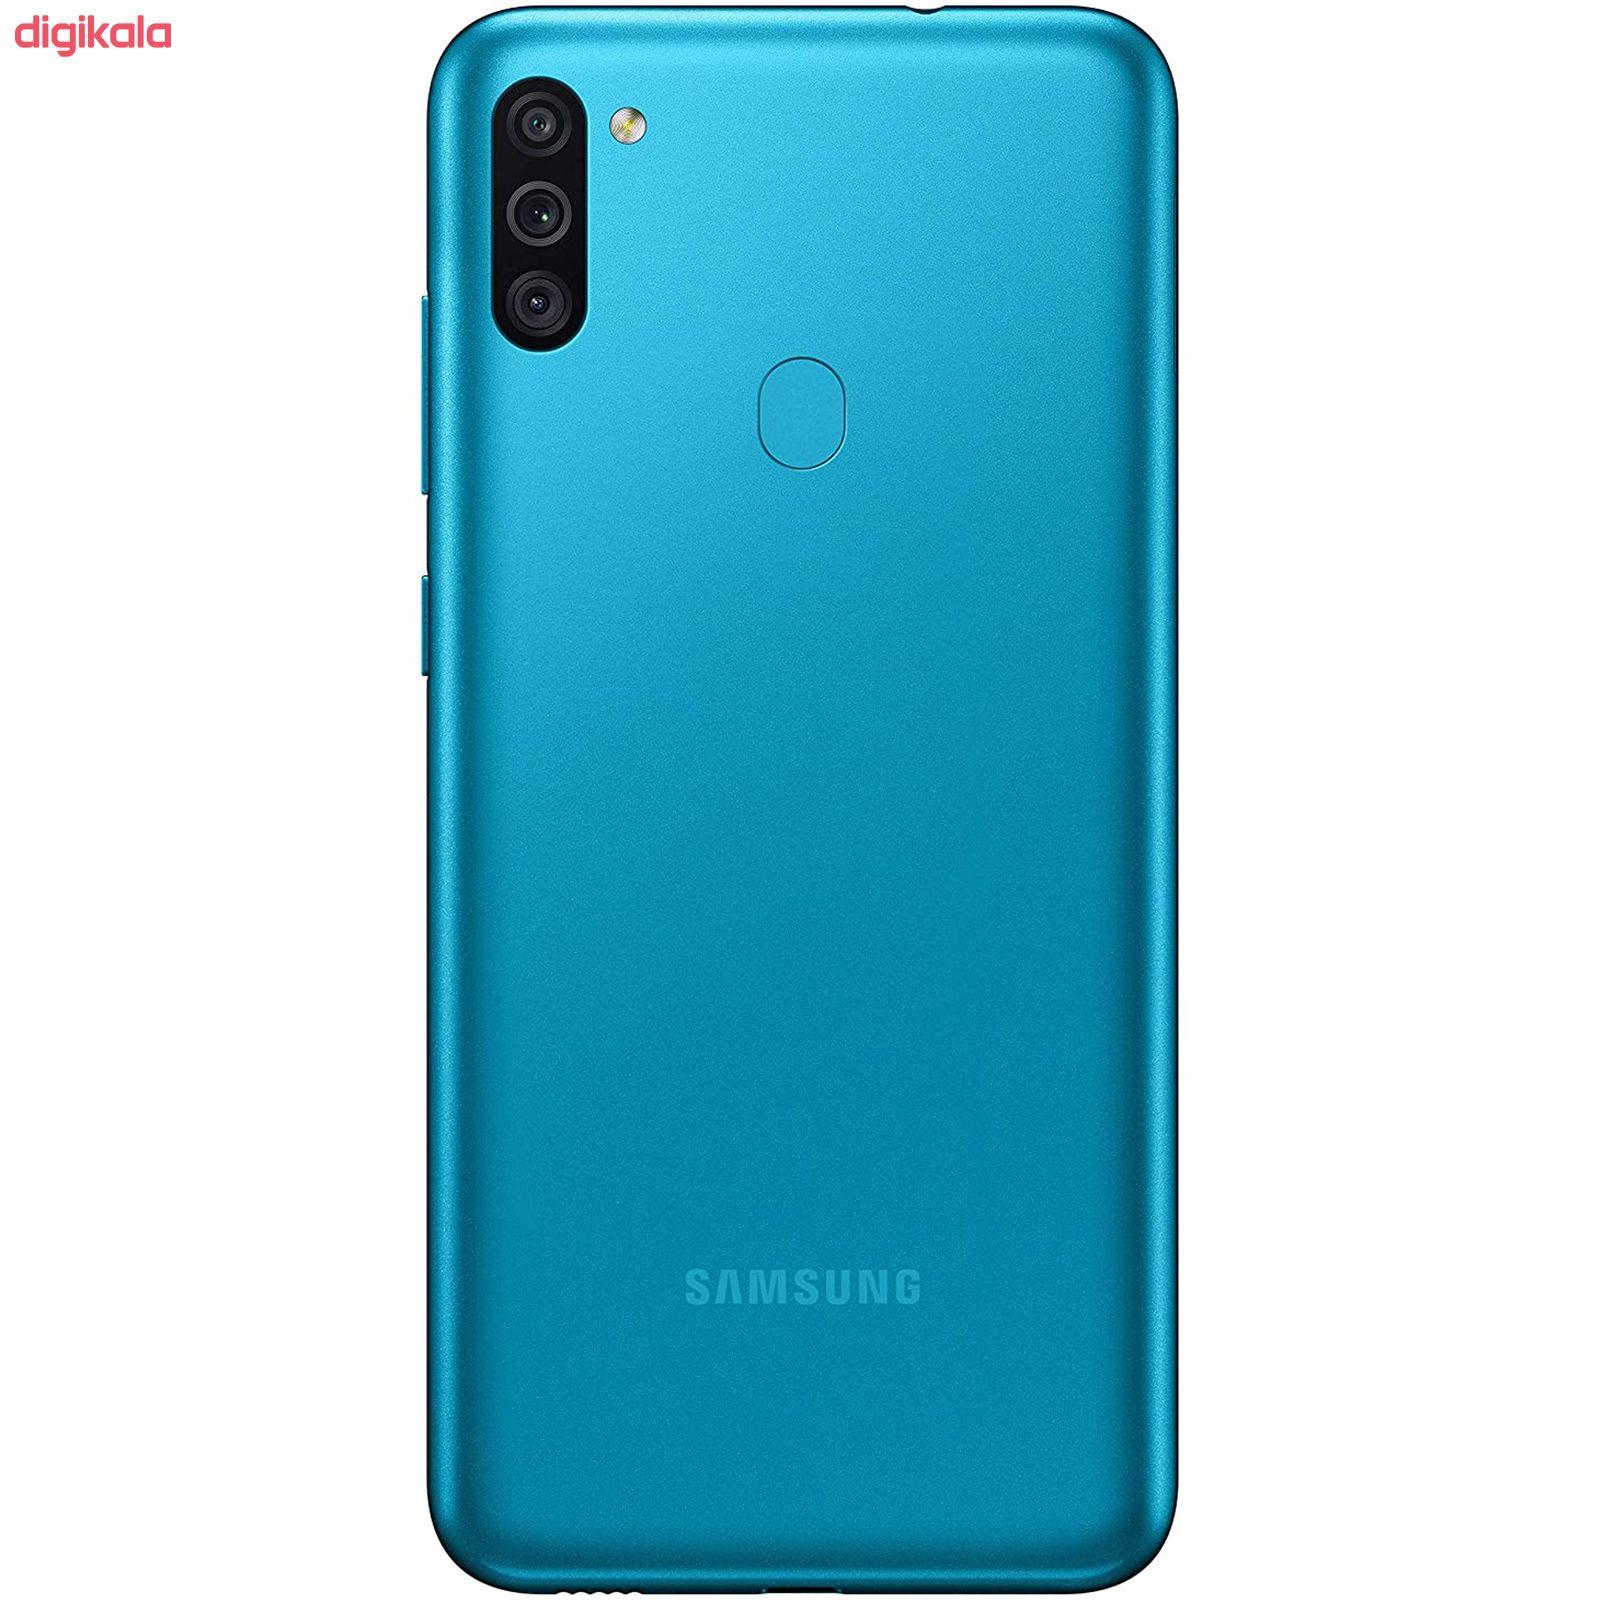 گوشی موبایل سامسونگ مدل  Galaxy M11 SM-M115F/DS دو سیم کارت ظرفیت 32 گیگابایت main 1 8